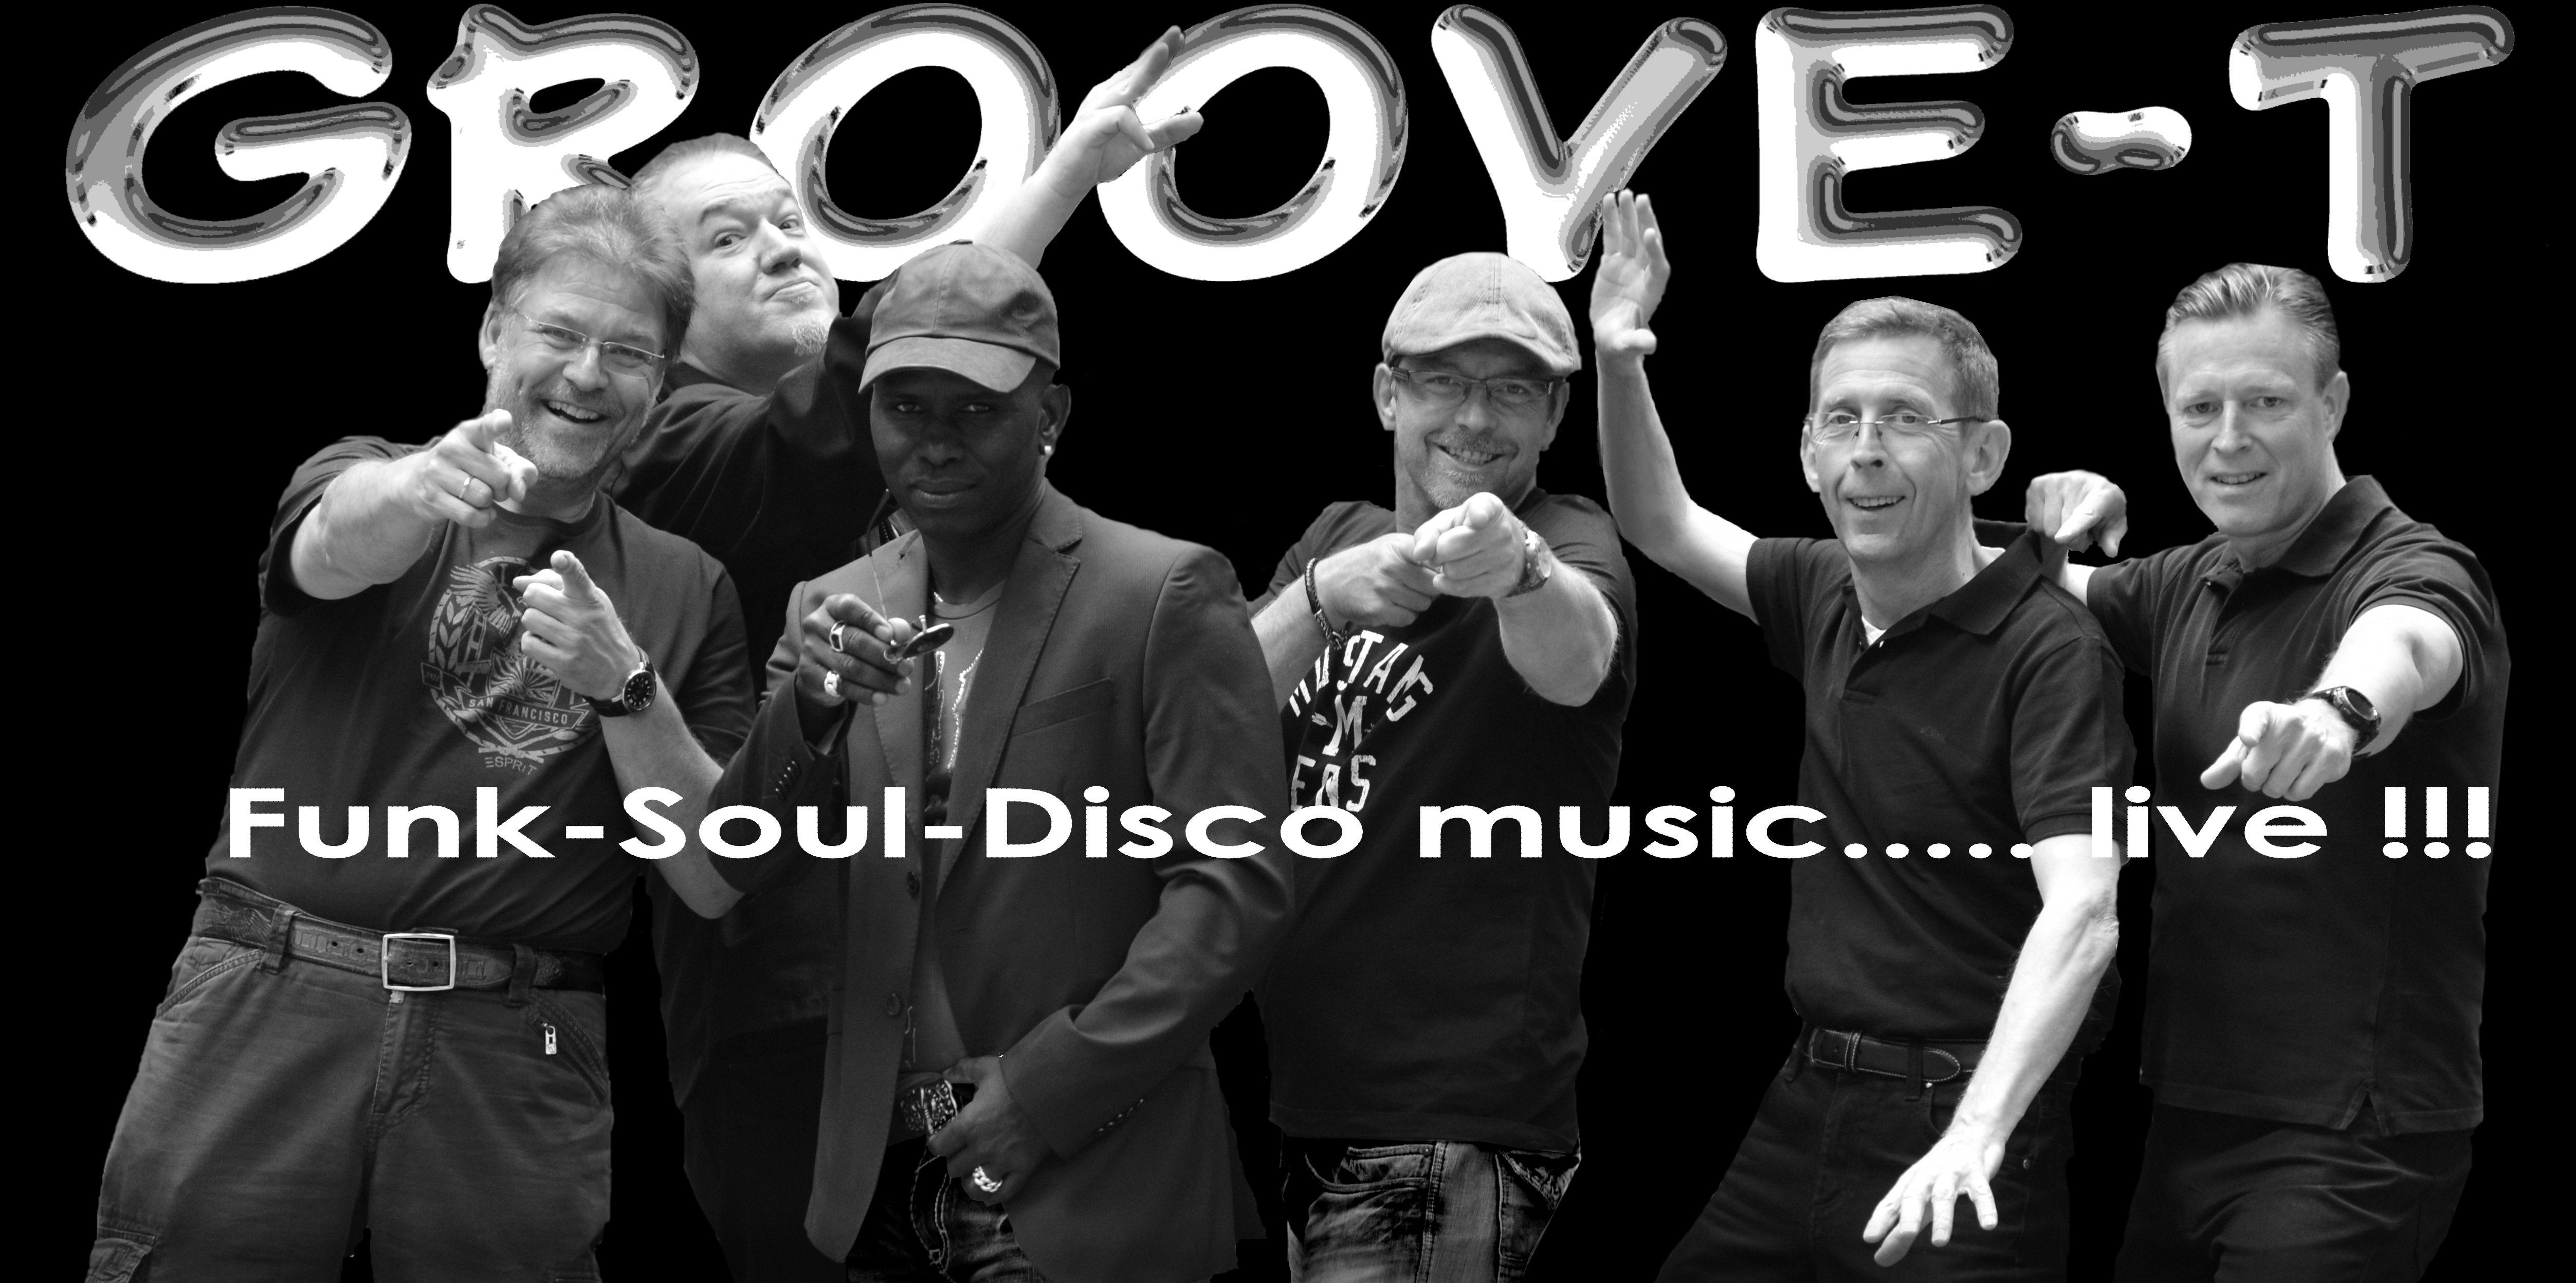 2016 Groove-T Frontbild groß GT oben2